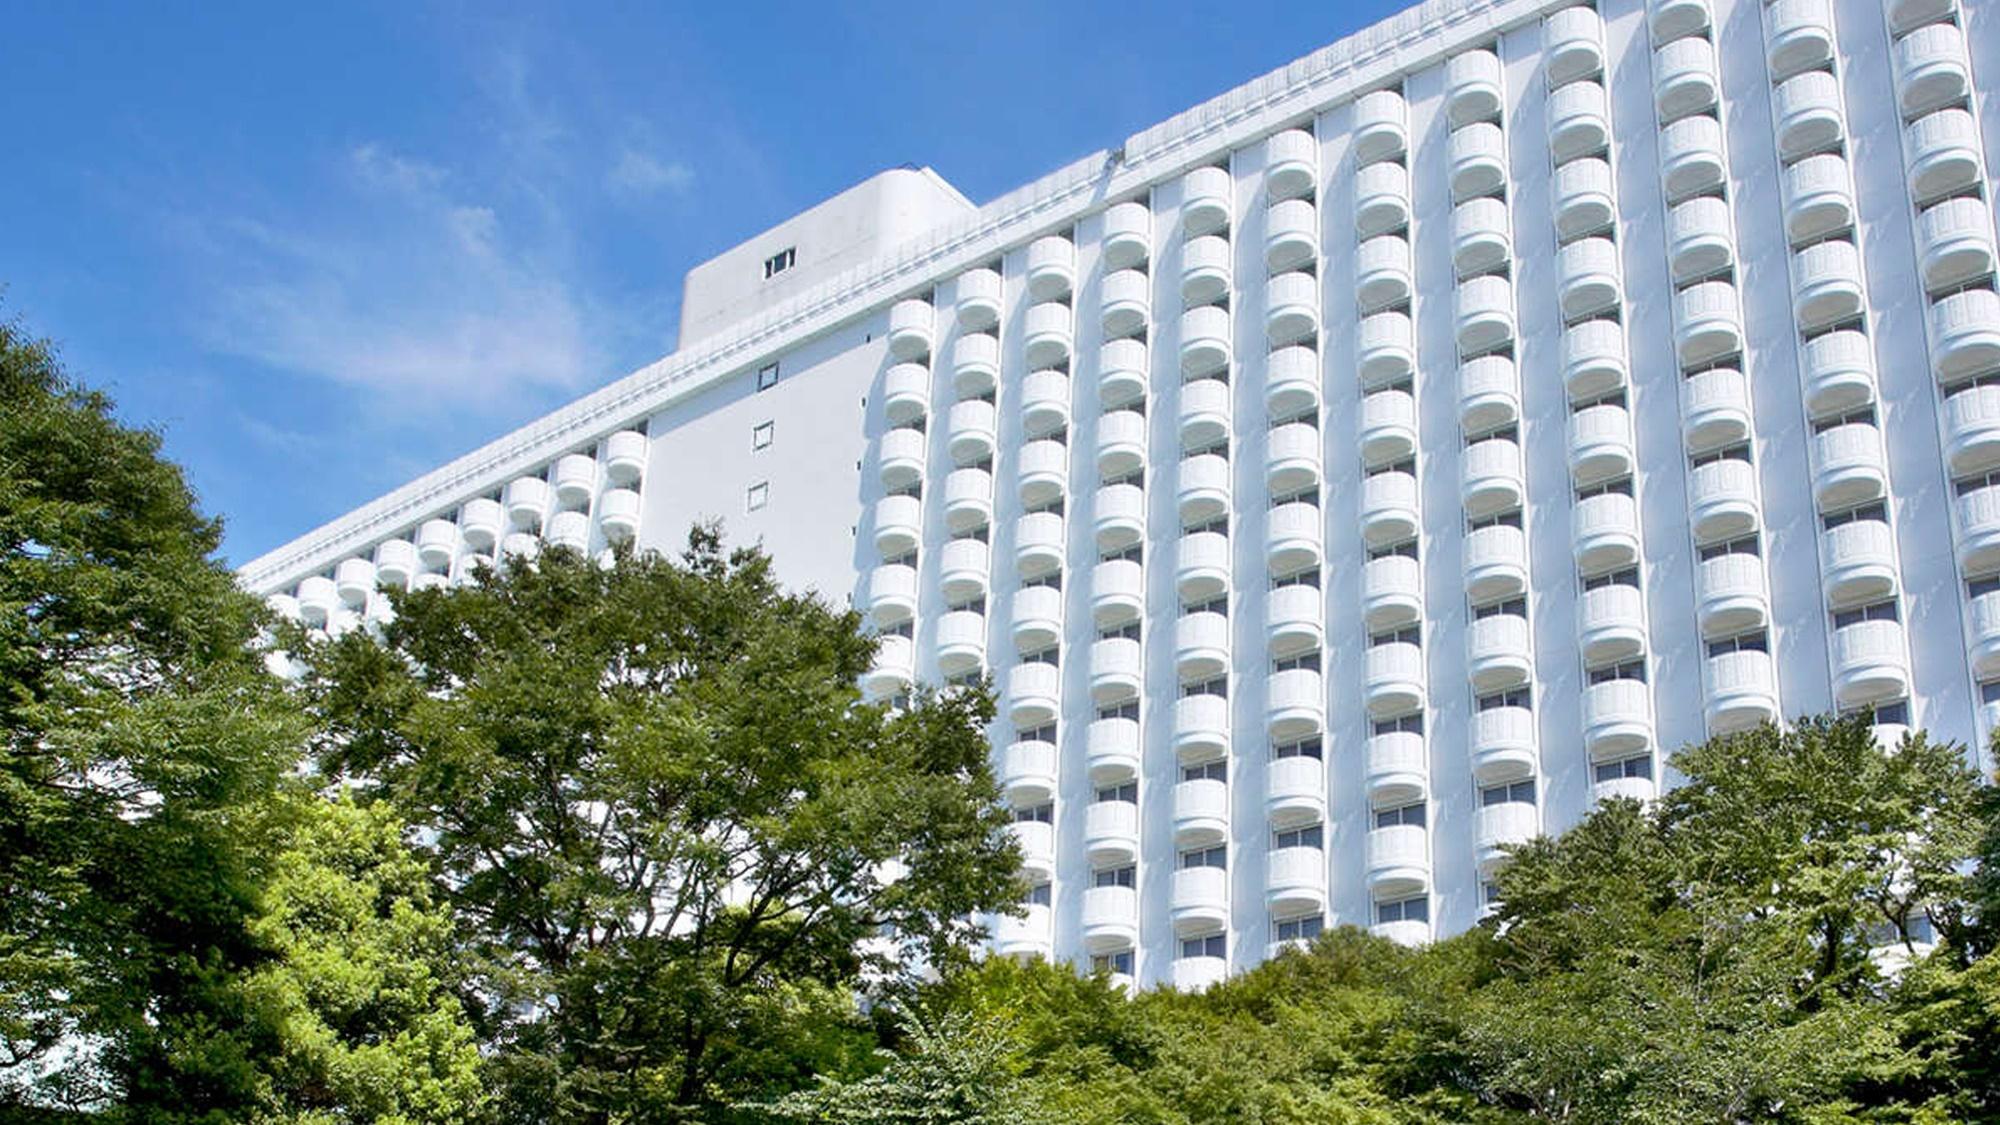 プリンス 高輪 新 グランド ホテル